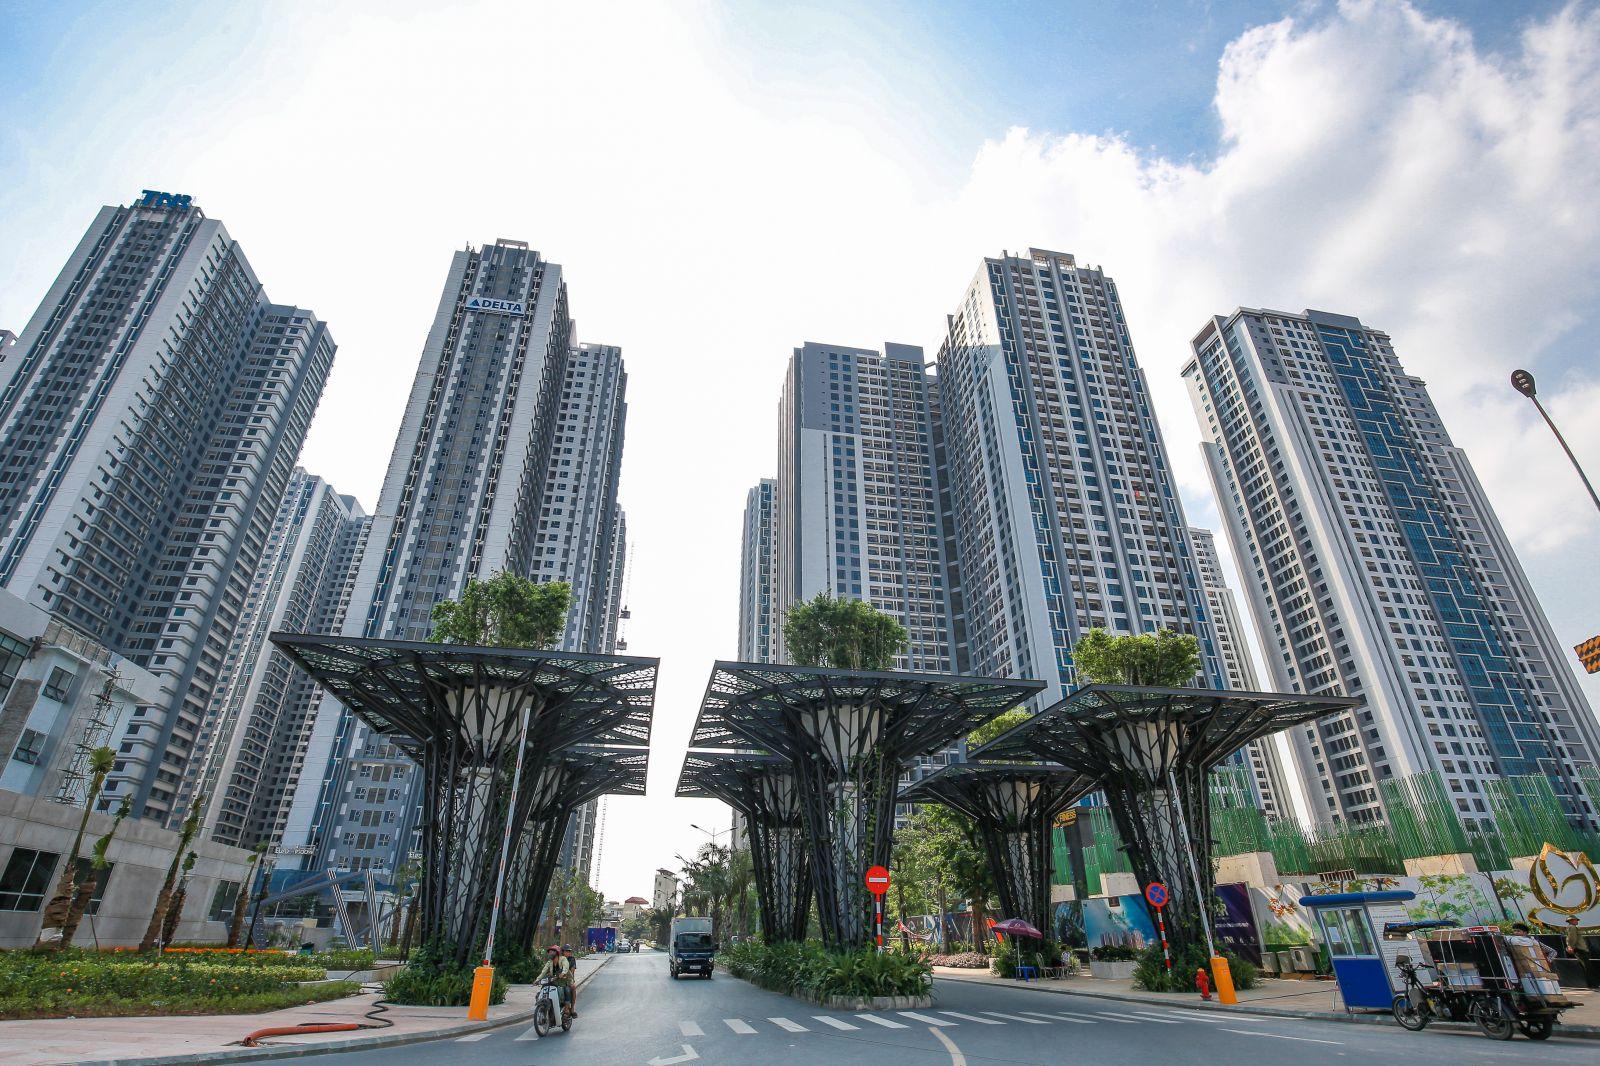 (Ảnh: Dự án Goldmark City của chủ đầu tư TNR đặc biệt được chú trọng thiết kế cảnh quan)